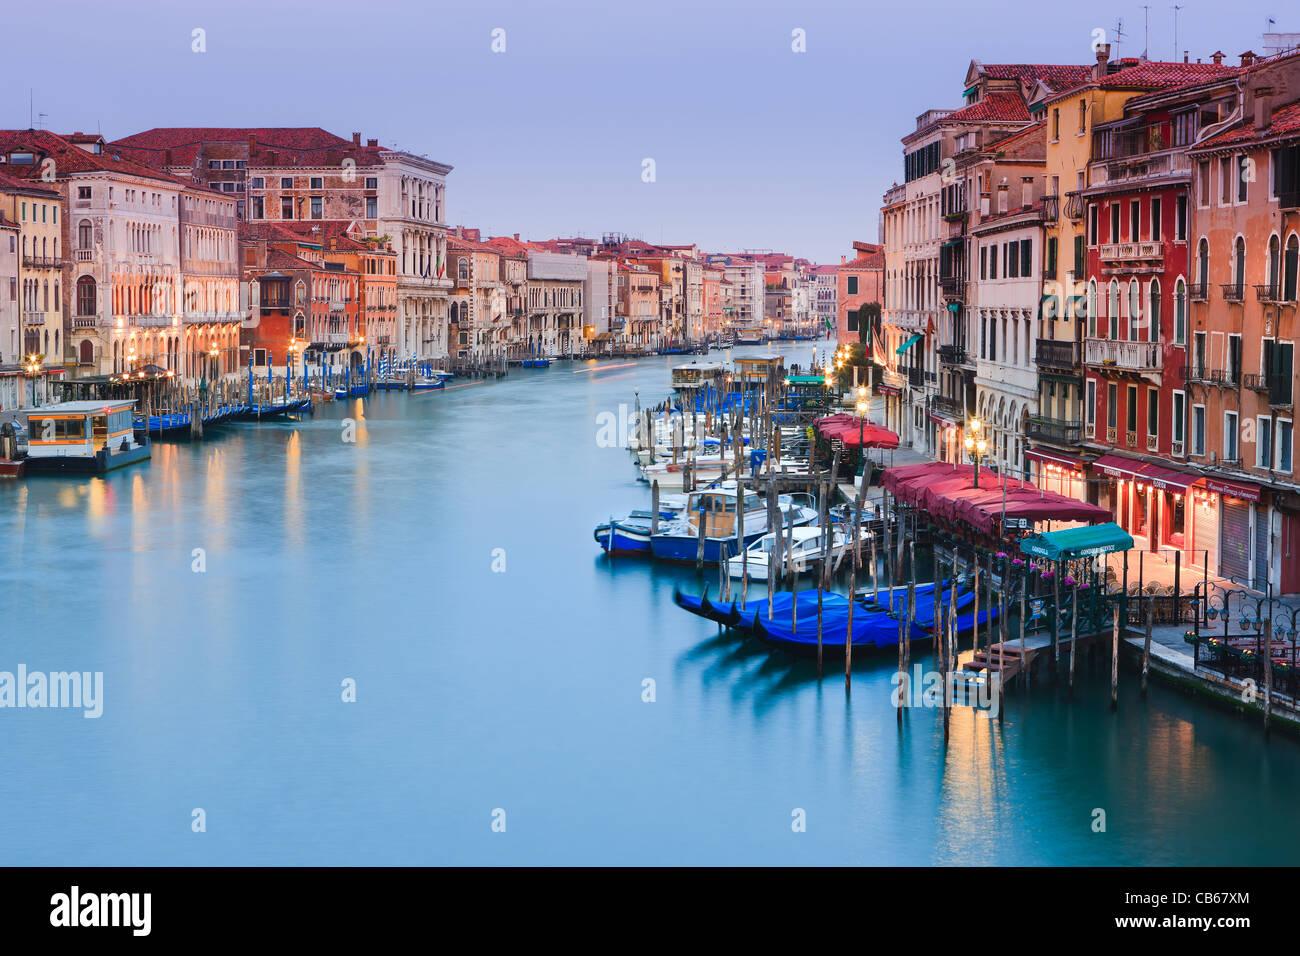 Amanecer en Venecia desde el Puente de Rialto con la vista sobre el Gran Canal Imagen De Stock